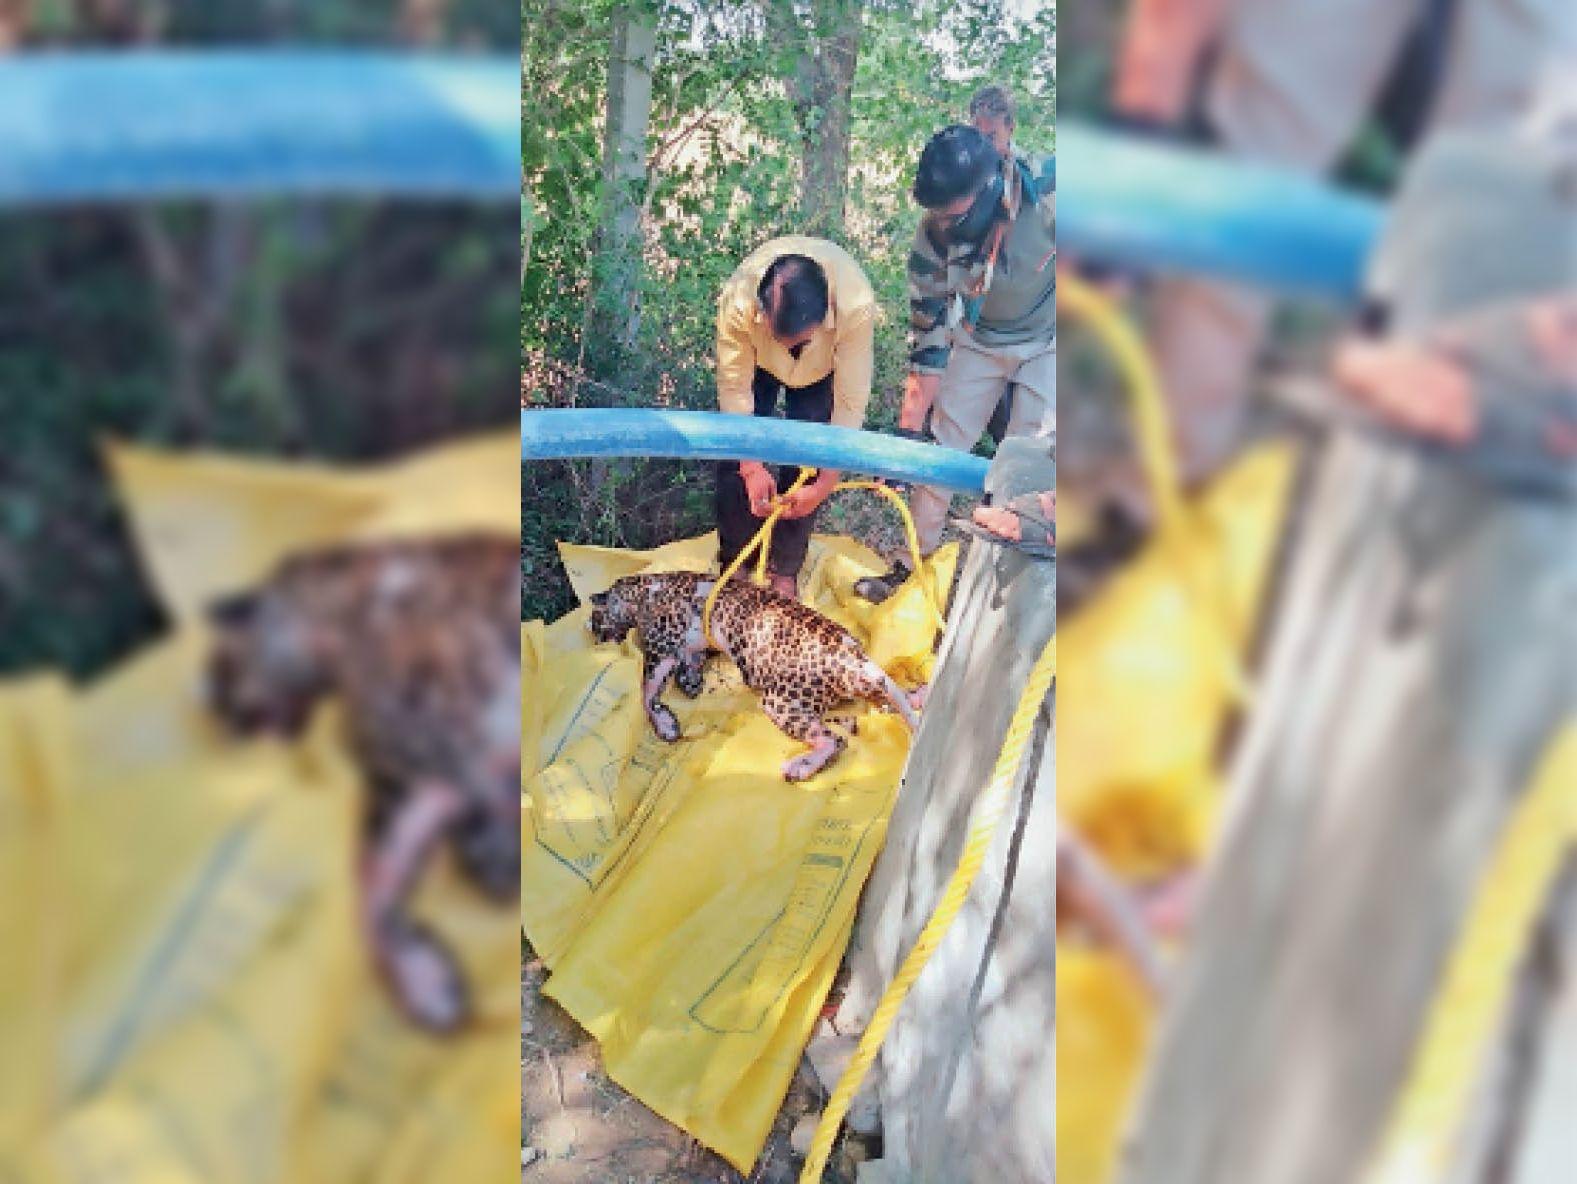 46 घंटे तक पानी में रहने से चमड़ी उतरी, शव फूला|पाली,Pali - Dainik Bhaskar